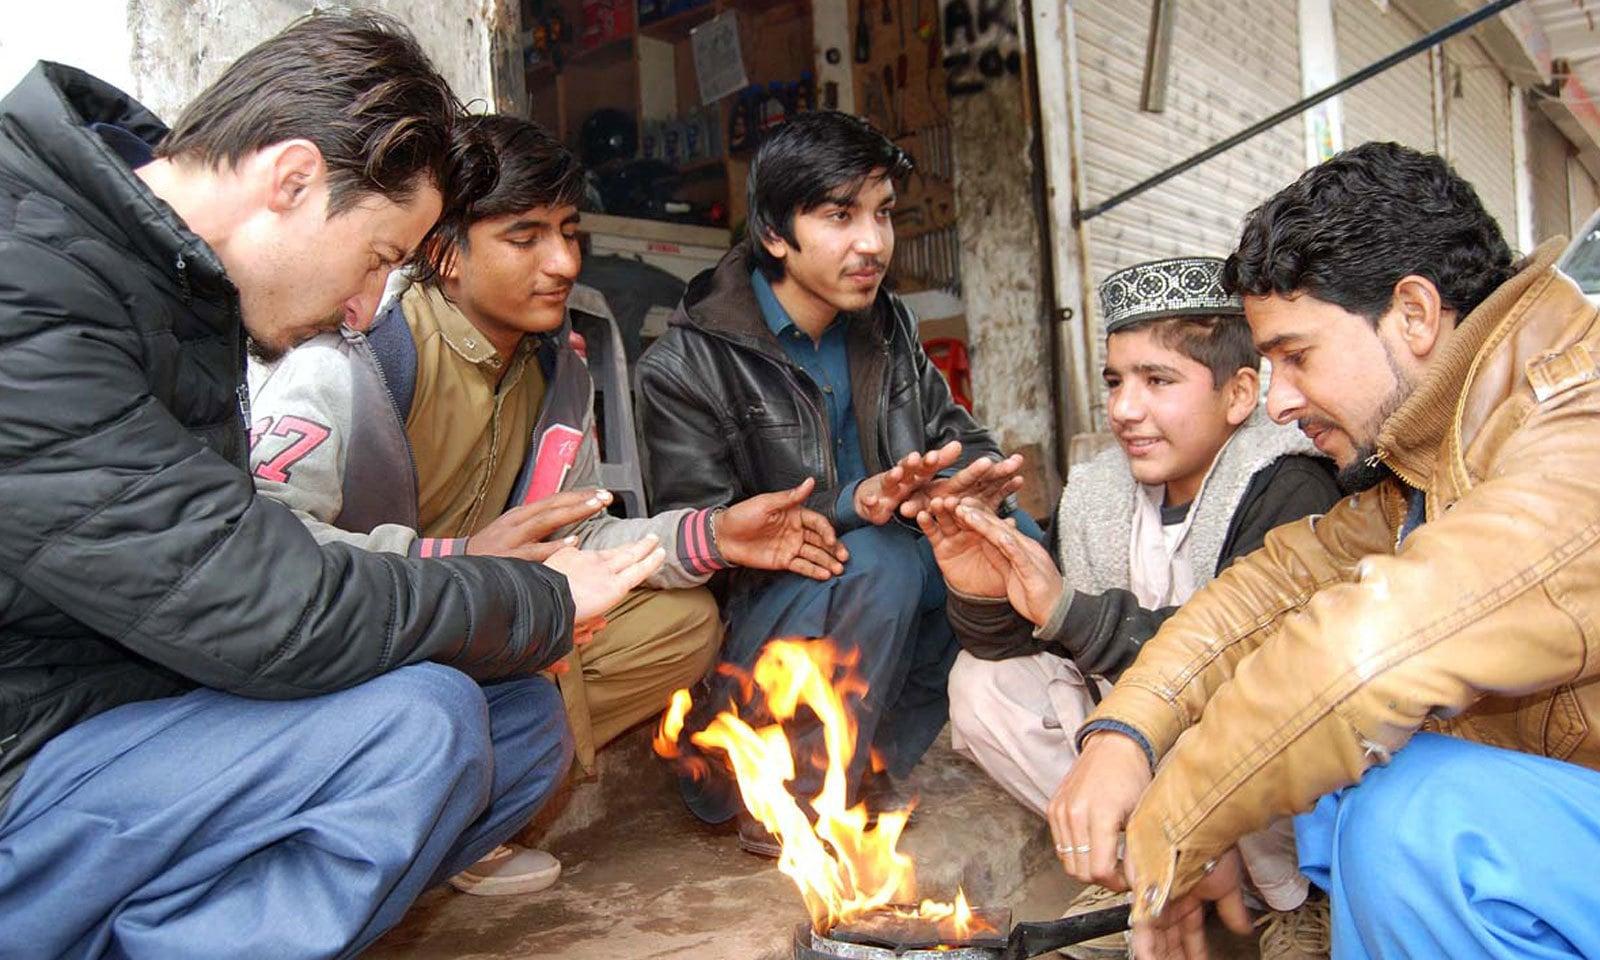 اسلام آباد میں نوجوان ٹھنڈے موسم میں آگ کے گرد بیٹھے ہیں — فوٹو: اے پی پی